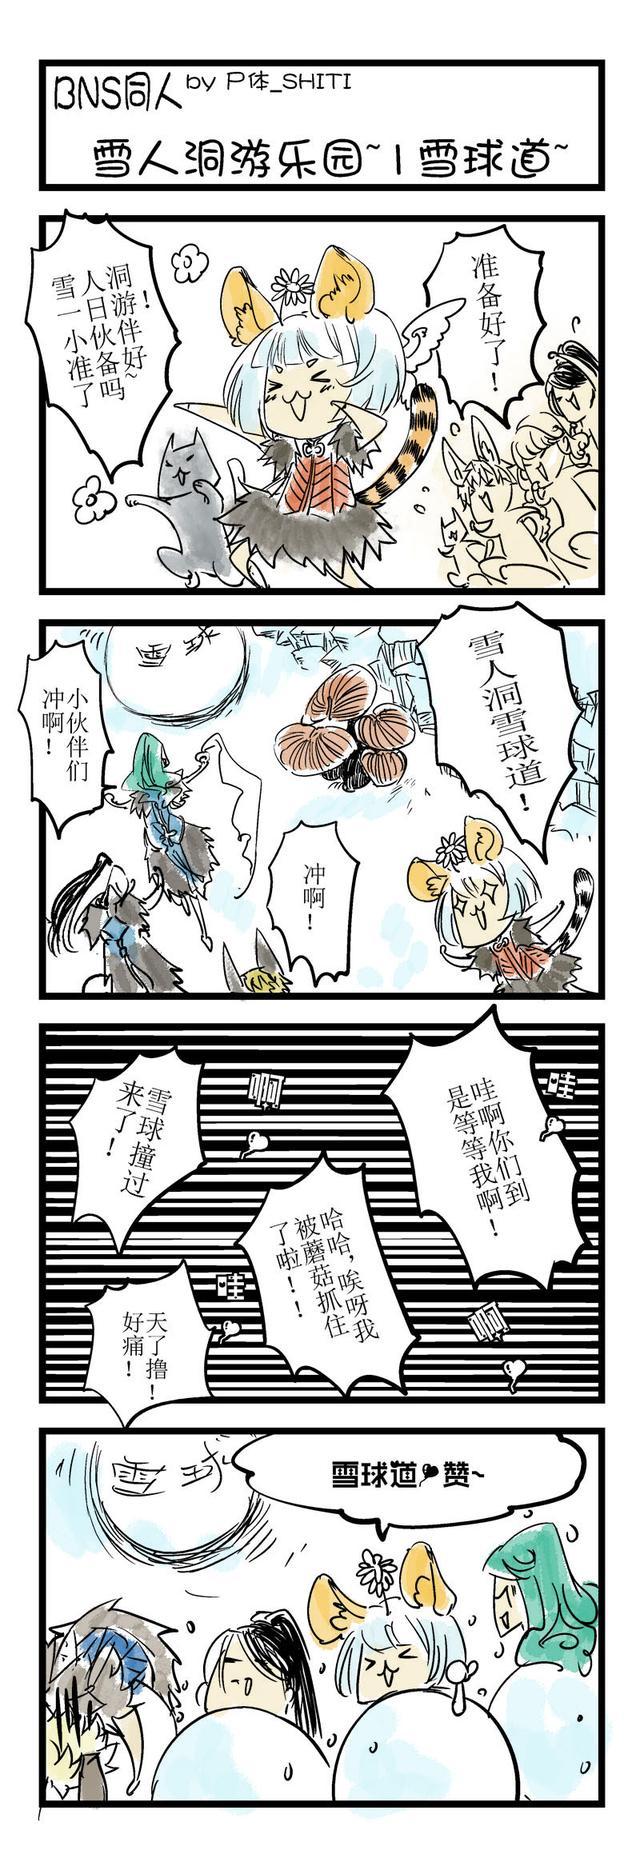 雪人洞怎么吸热气 剑灵雪人洞进入条件 lol四格漫画色系邪恶 雪人洞攻